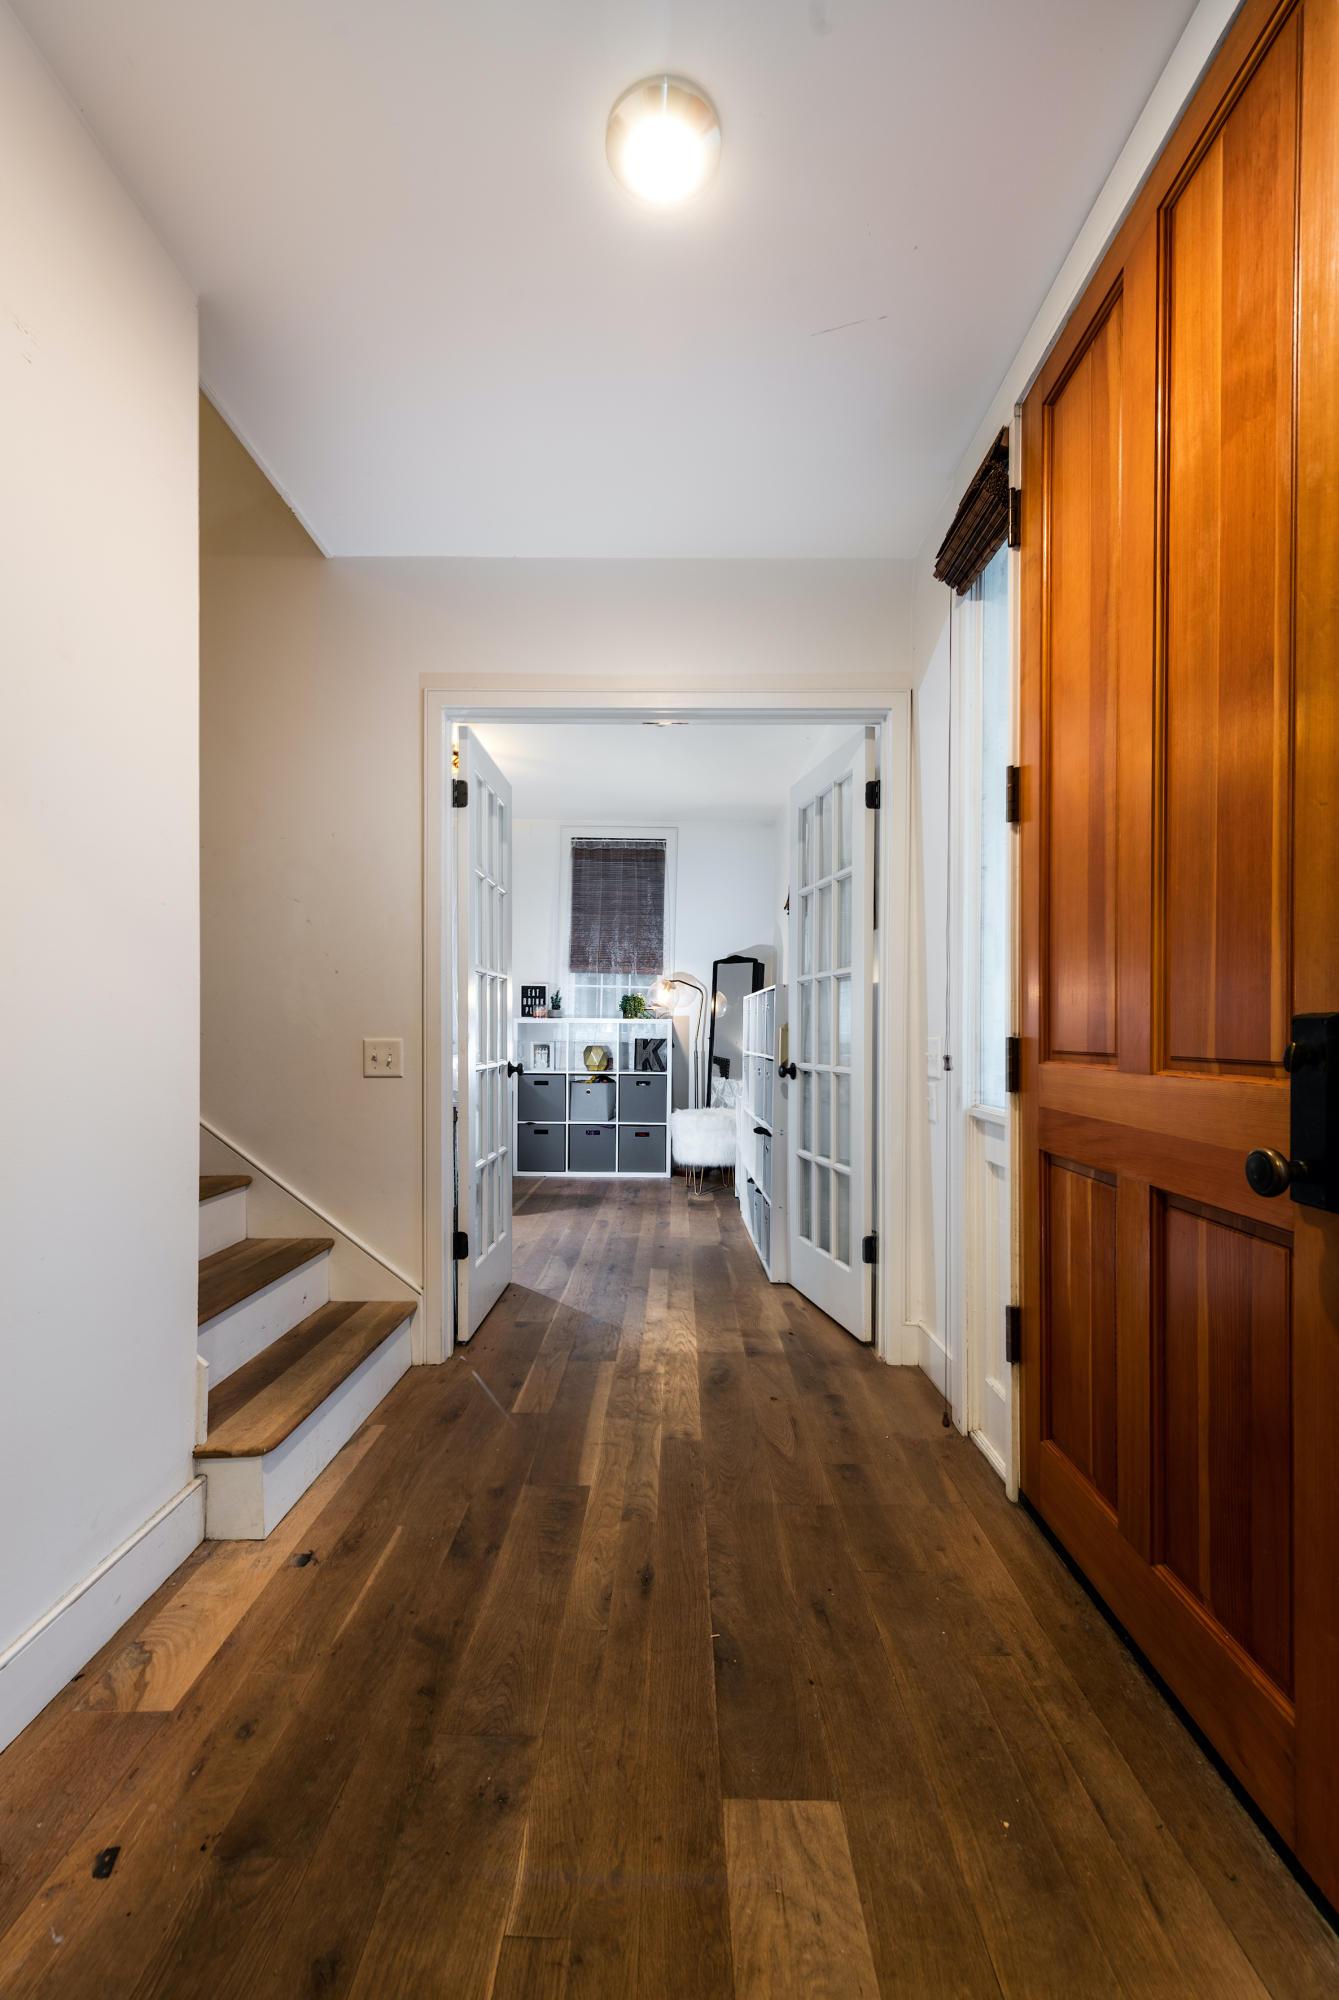 Elliottborough Homes For Sale - 271 Coming, Charleston, SC - 15